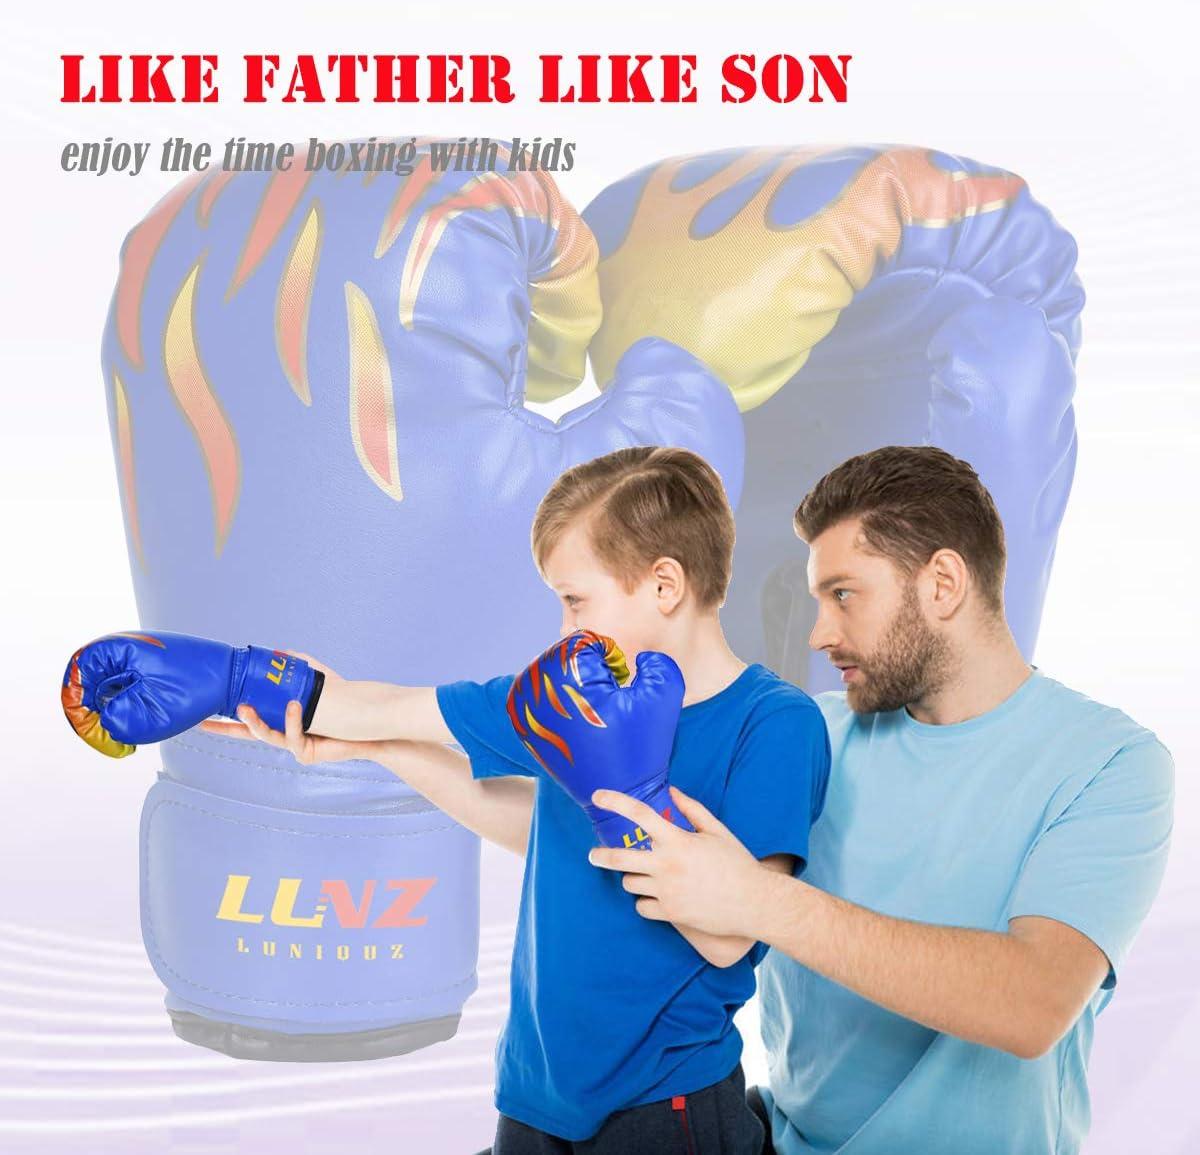 Luniquz Gant de Boxe Enfant 3-10 Ans en Cuir Gant dEntra/înement de Boxe pour MMA Muay Thai Kickboxing Sac de Frappe-6 oz